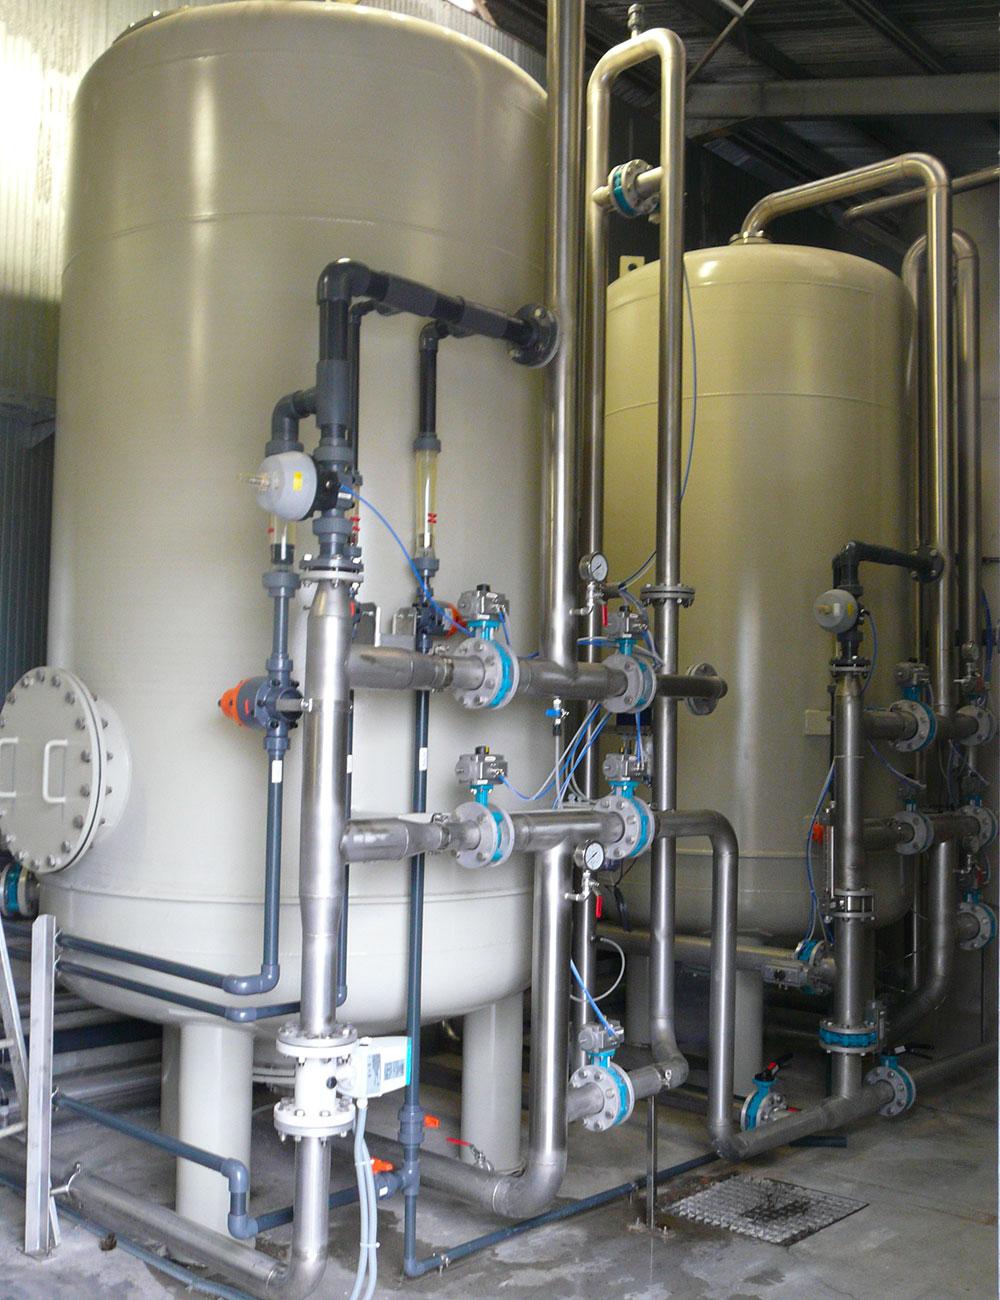 Trattamento delle acque reflue industria tessile: Nuovo impianto eco